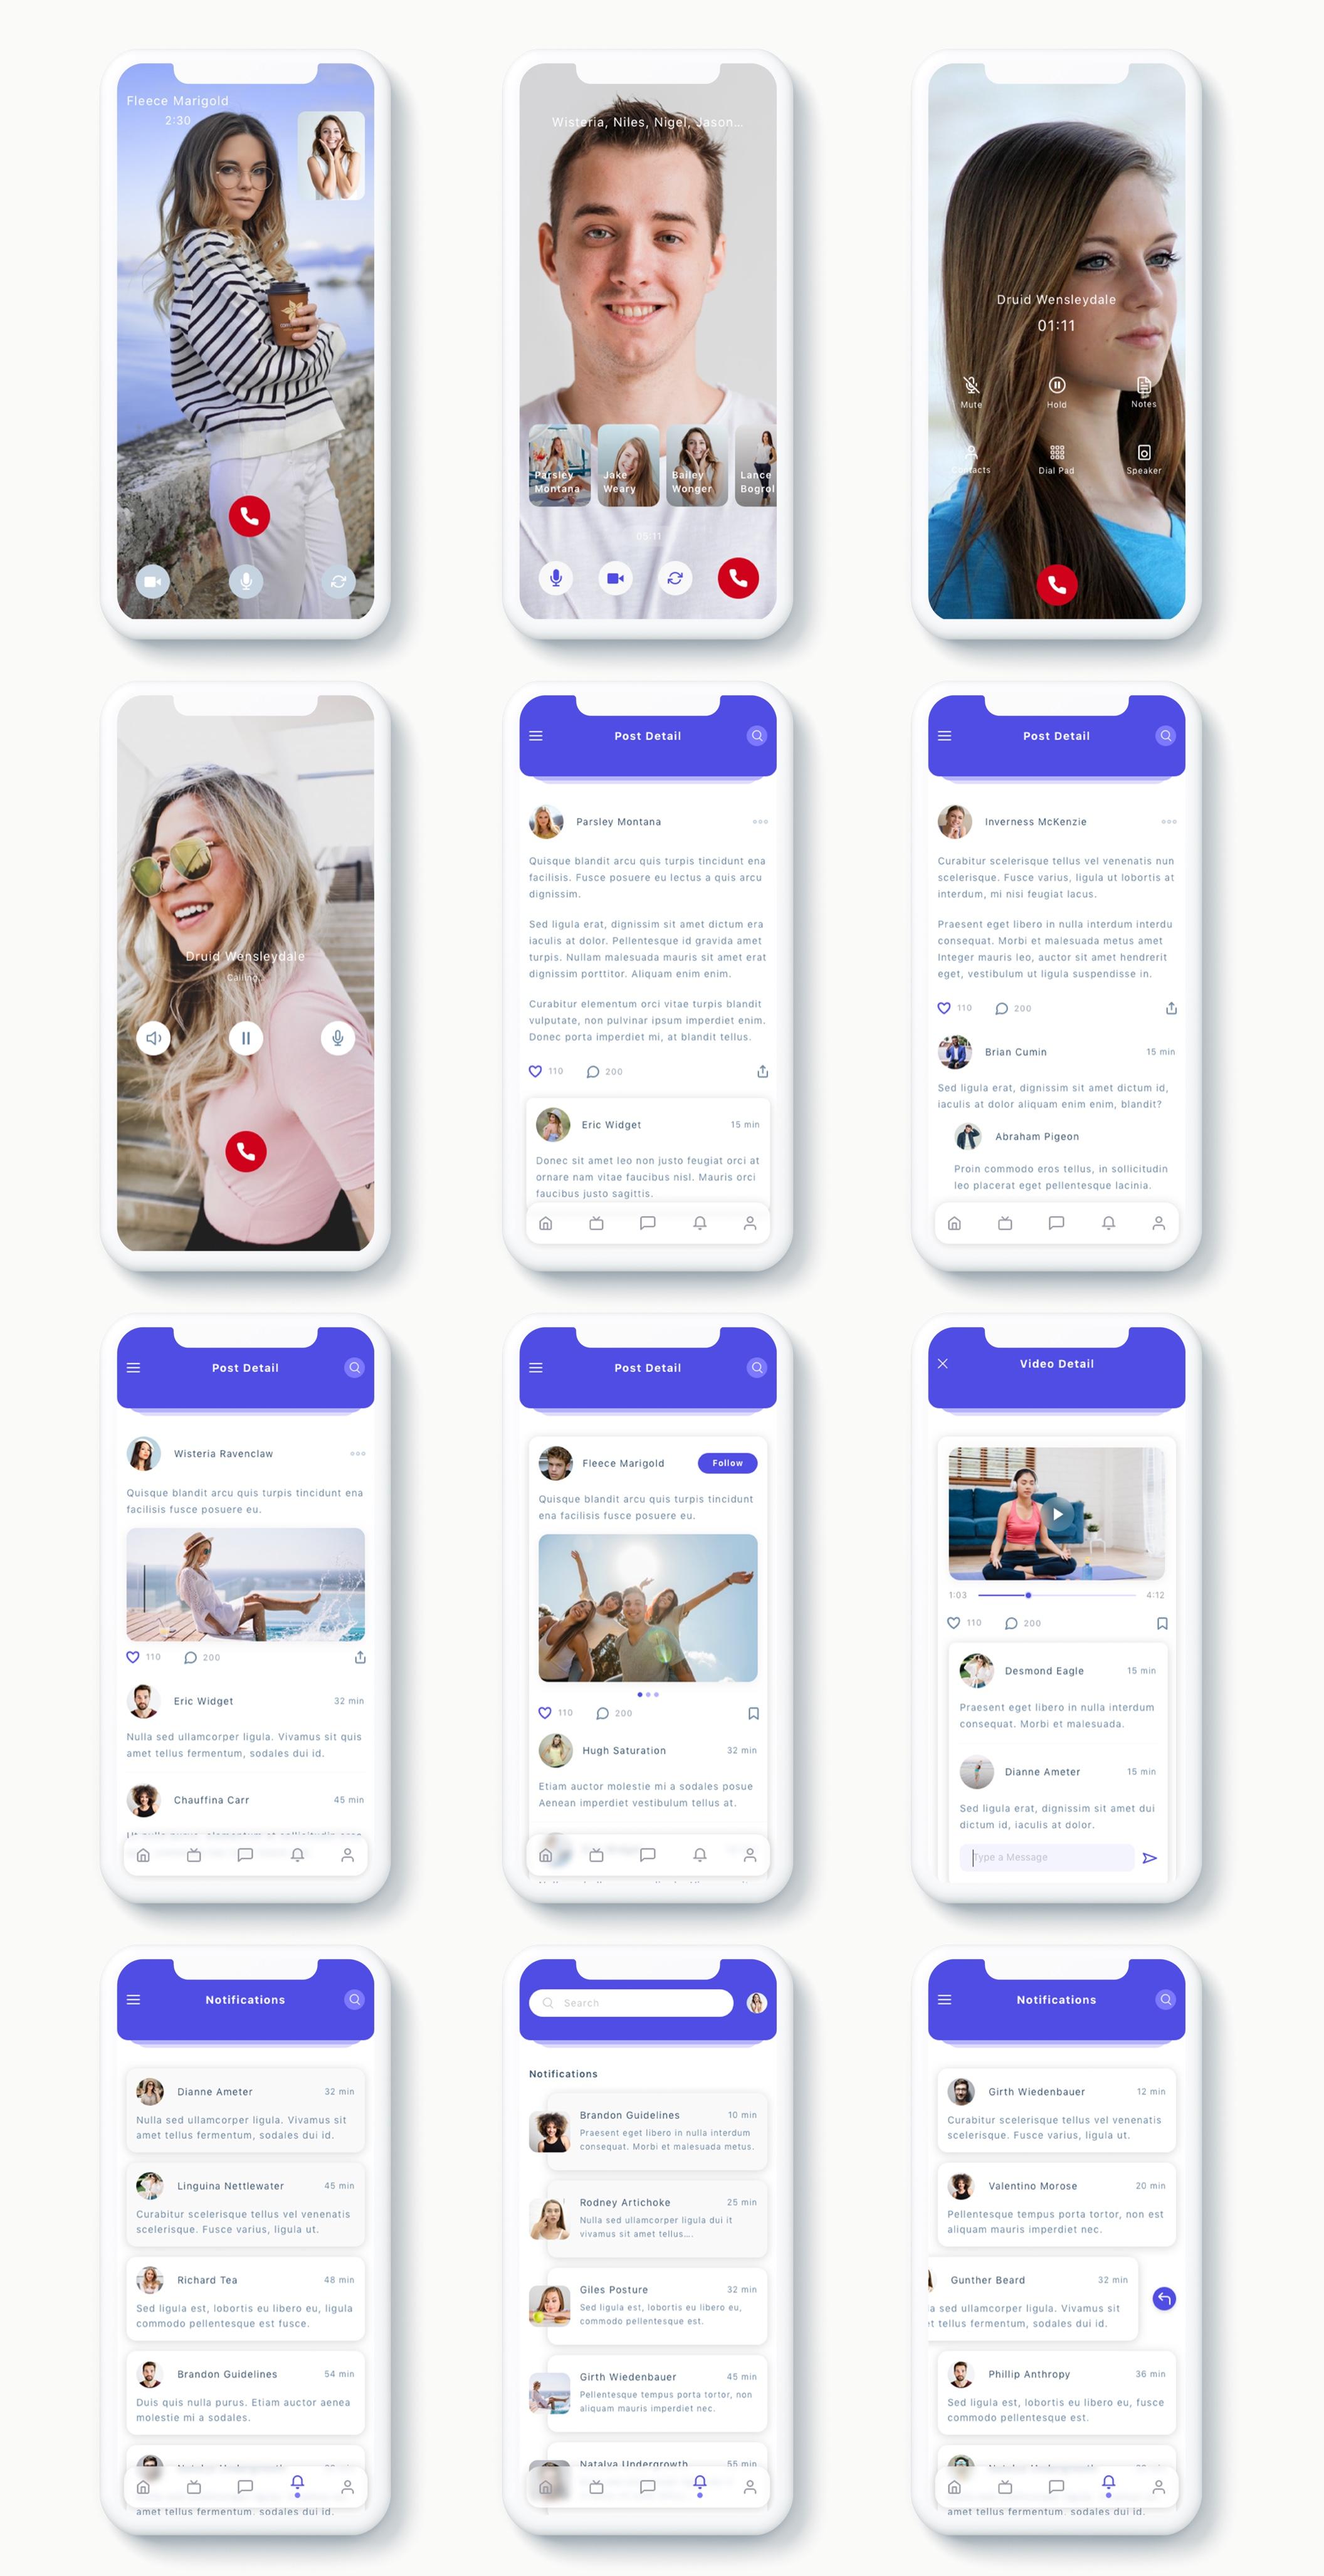 交友社交APP应用界面社交UI套件 Susen – Social Network App UI Kit插图(7)